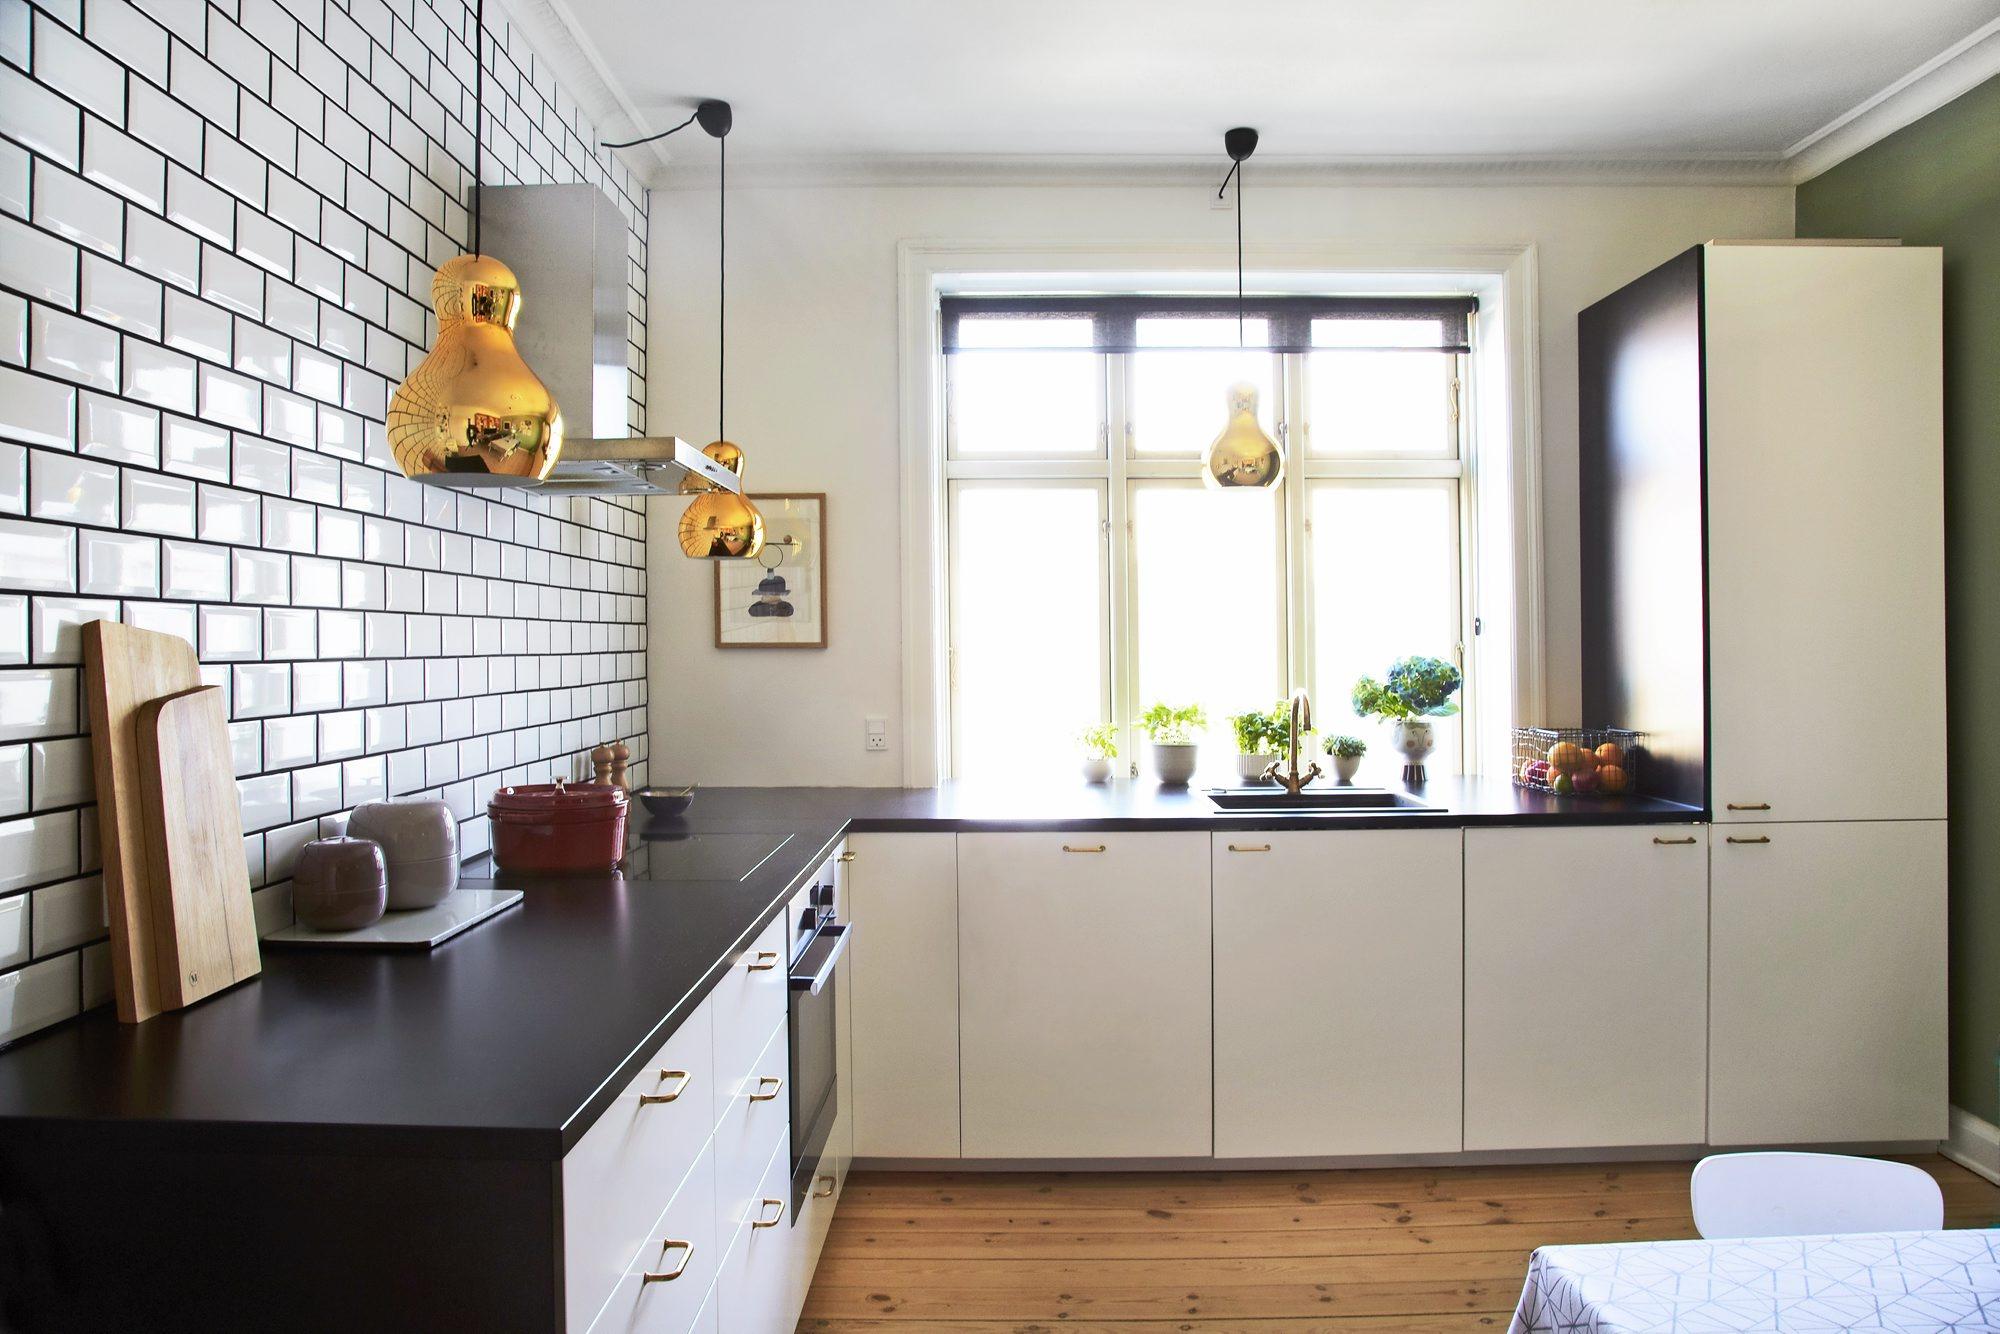 bilder ikea kj kken best av inspirasjon til hjemme design. Black Bedroom Furniture Sets. Home Design Ideas